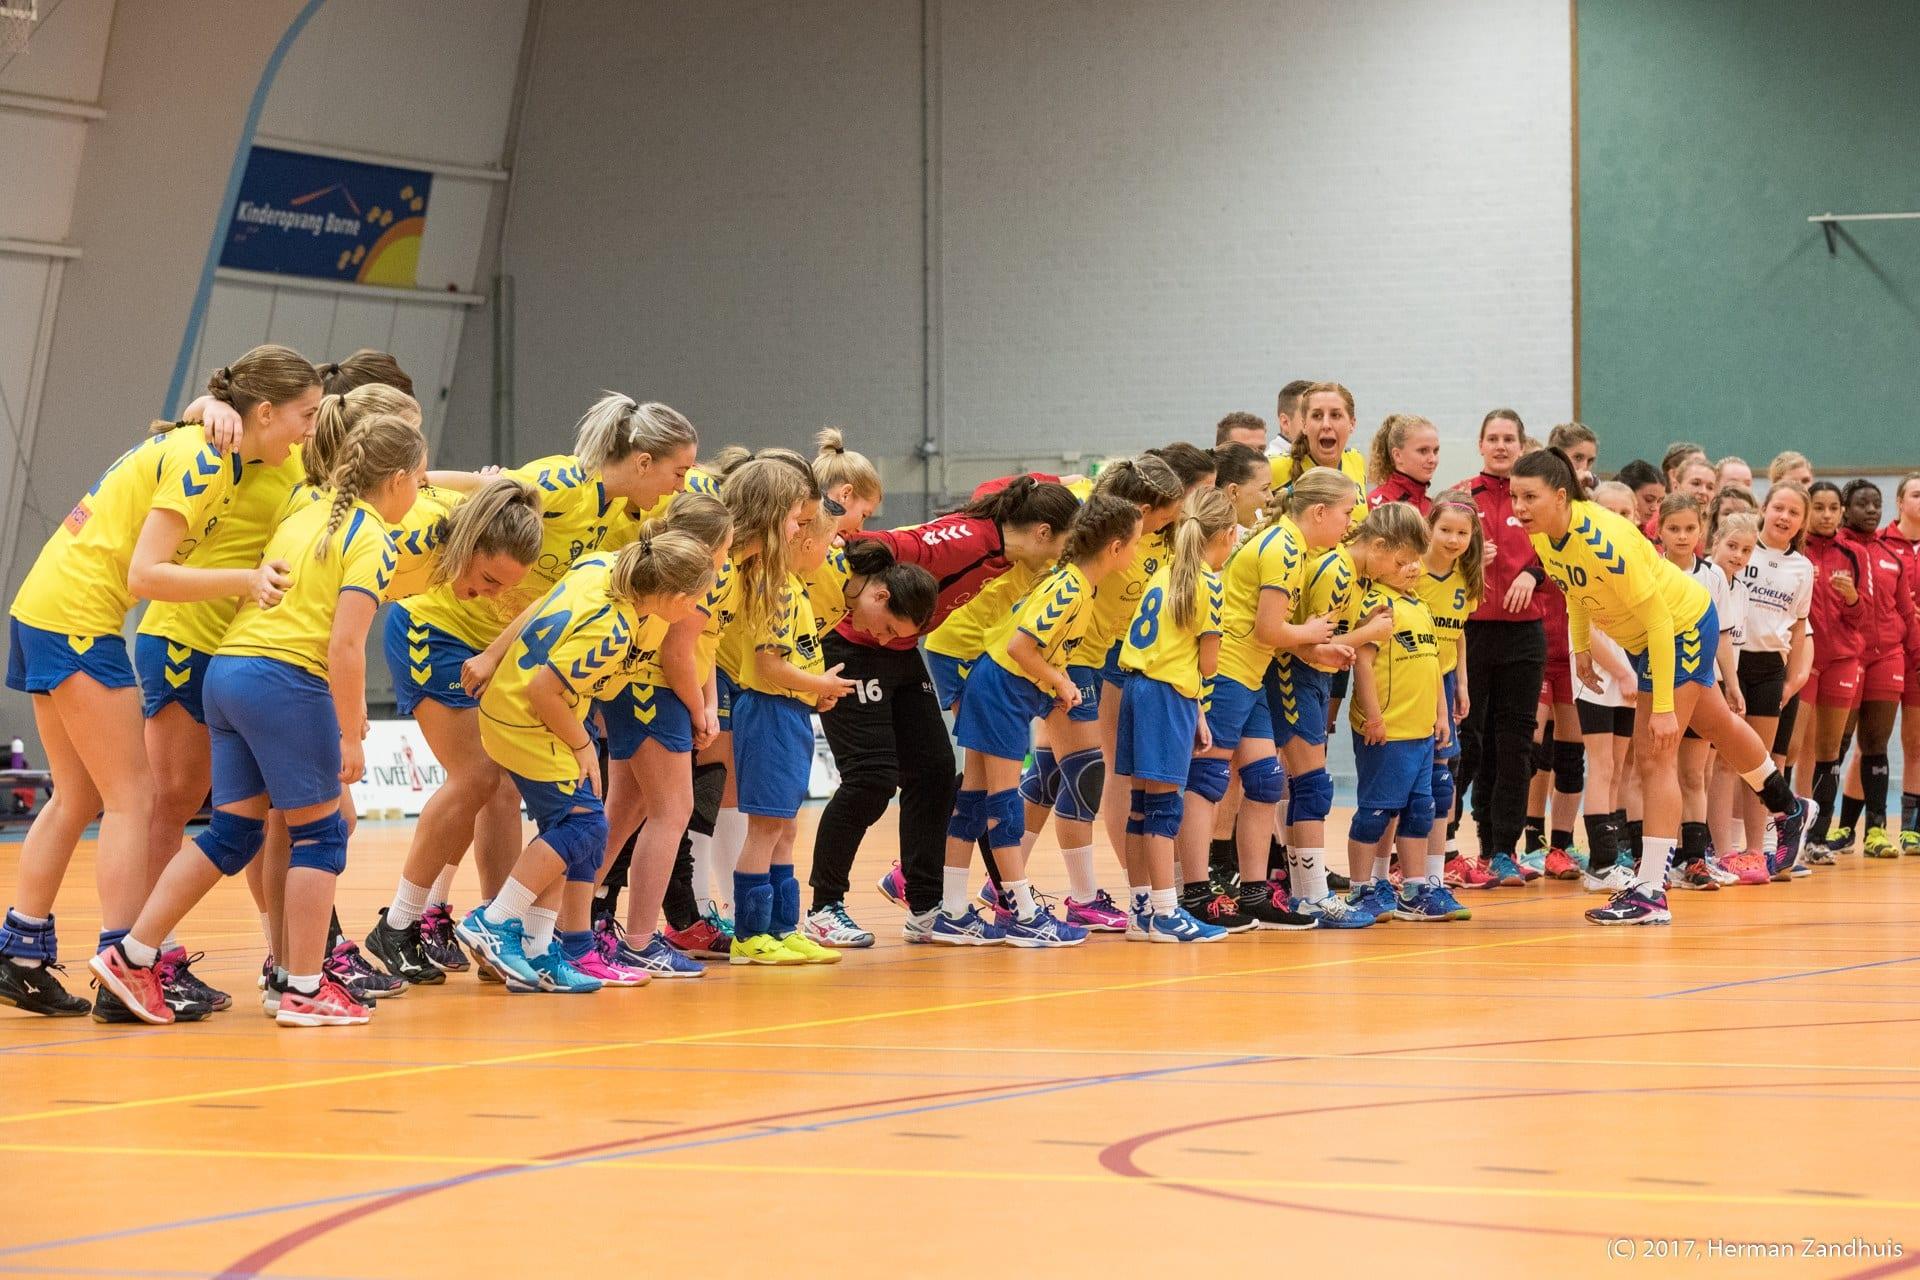 24883678 2279569165401910 4269162745421310874 o - Borhave plaatst zich voor kwartfinale via midweek bekerduel in Wognum